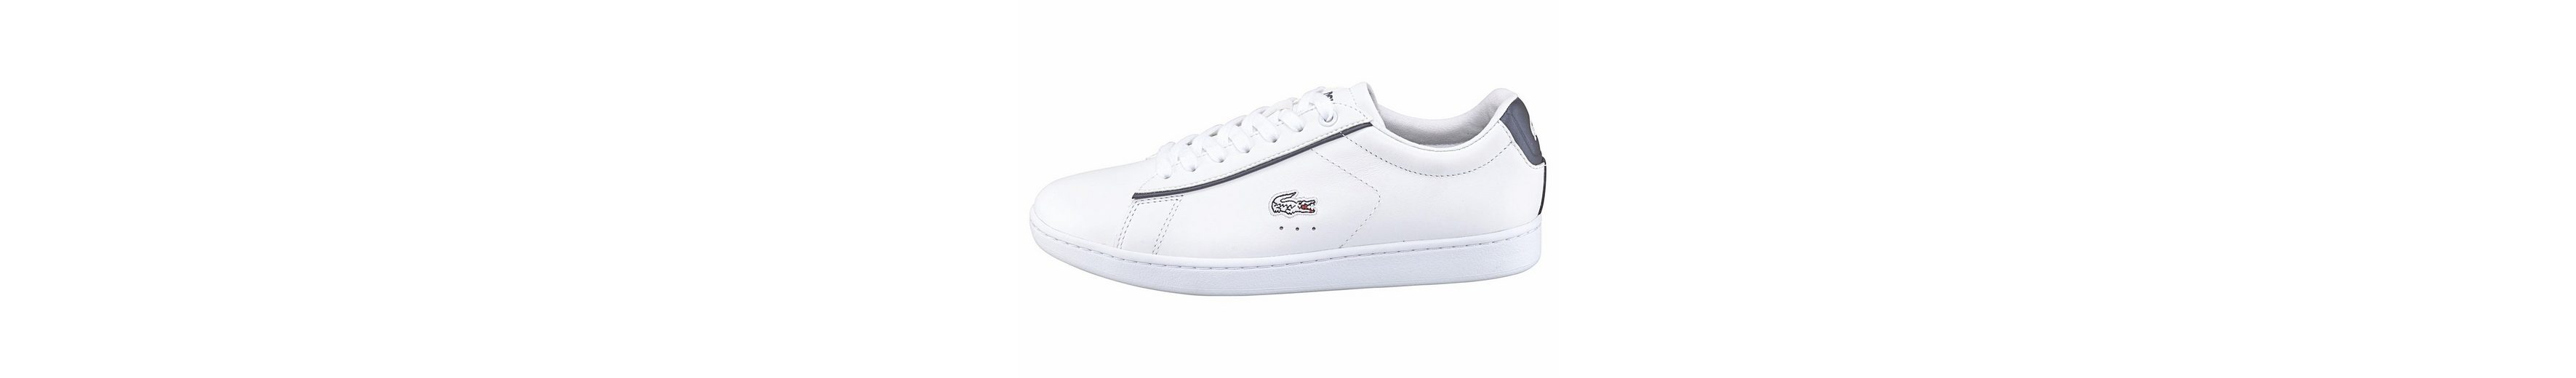 Qualität Für Freies Verschiffen Verkauf Pick Ein Besten Zum Verkauf Lacoste Carnaby Evo 217 2 Sneaker Verkauf Footlocker Freies Verschiffen Begrenzte Ausgabe 1gpFmFEghJ